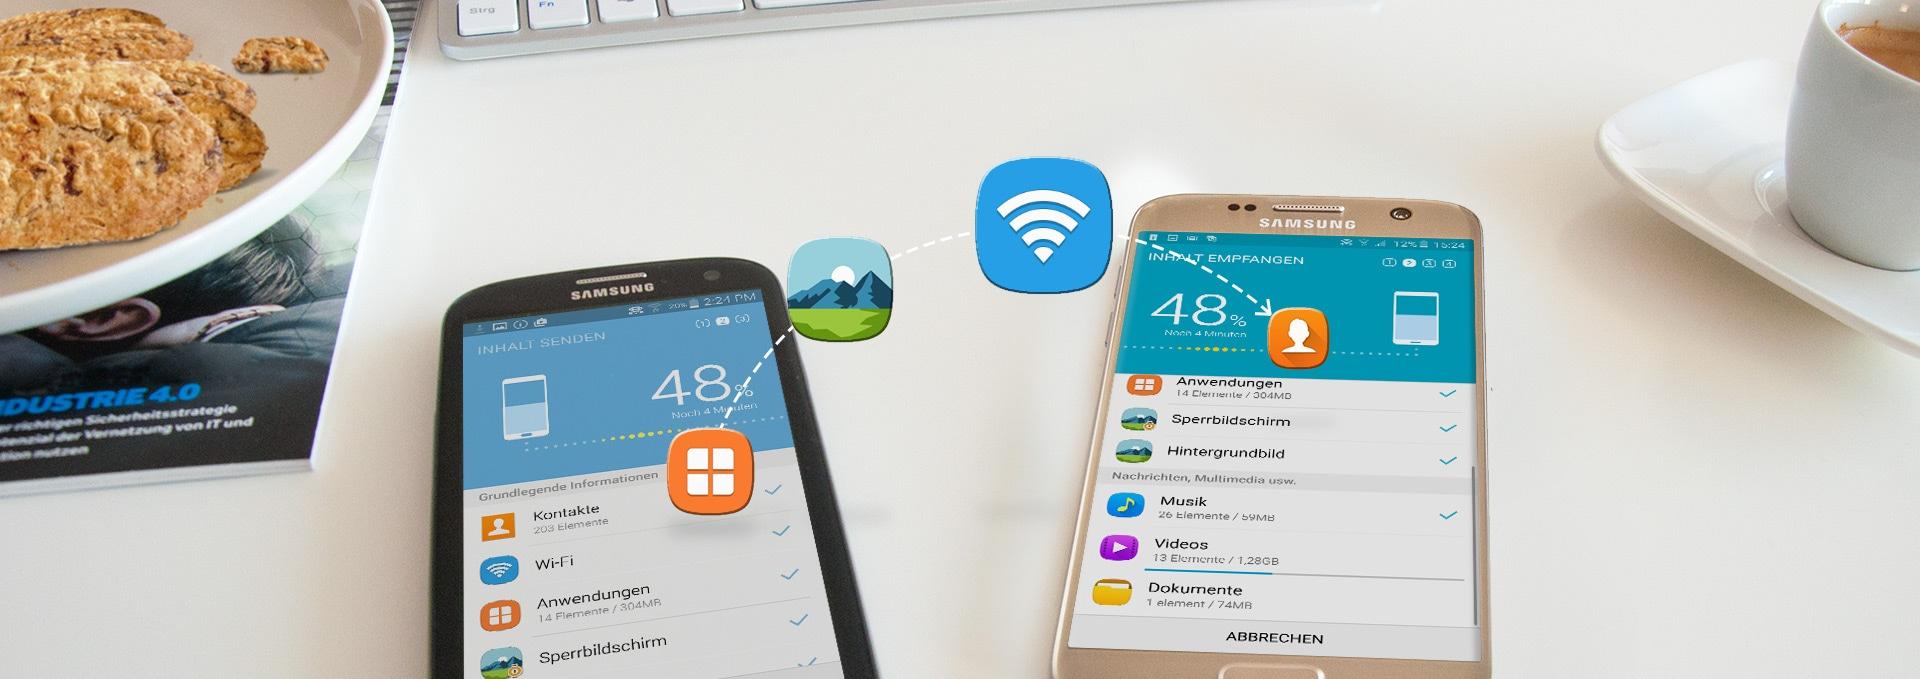 Galaxy-Smartphones: Update per Smart Switch durchführen